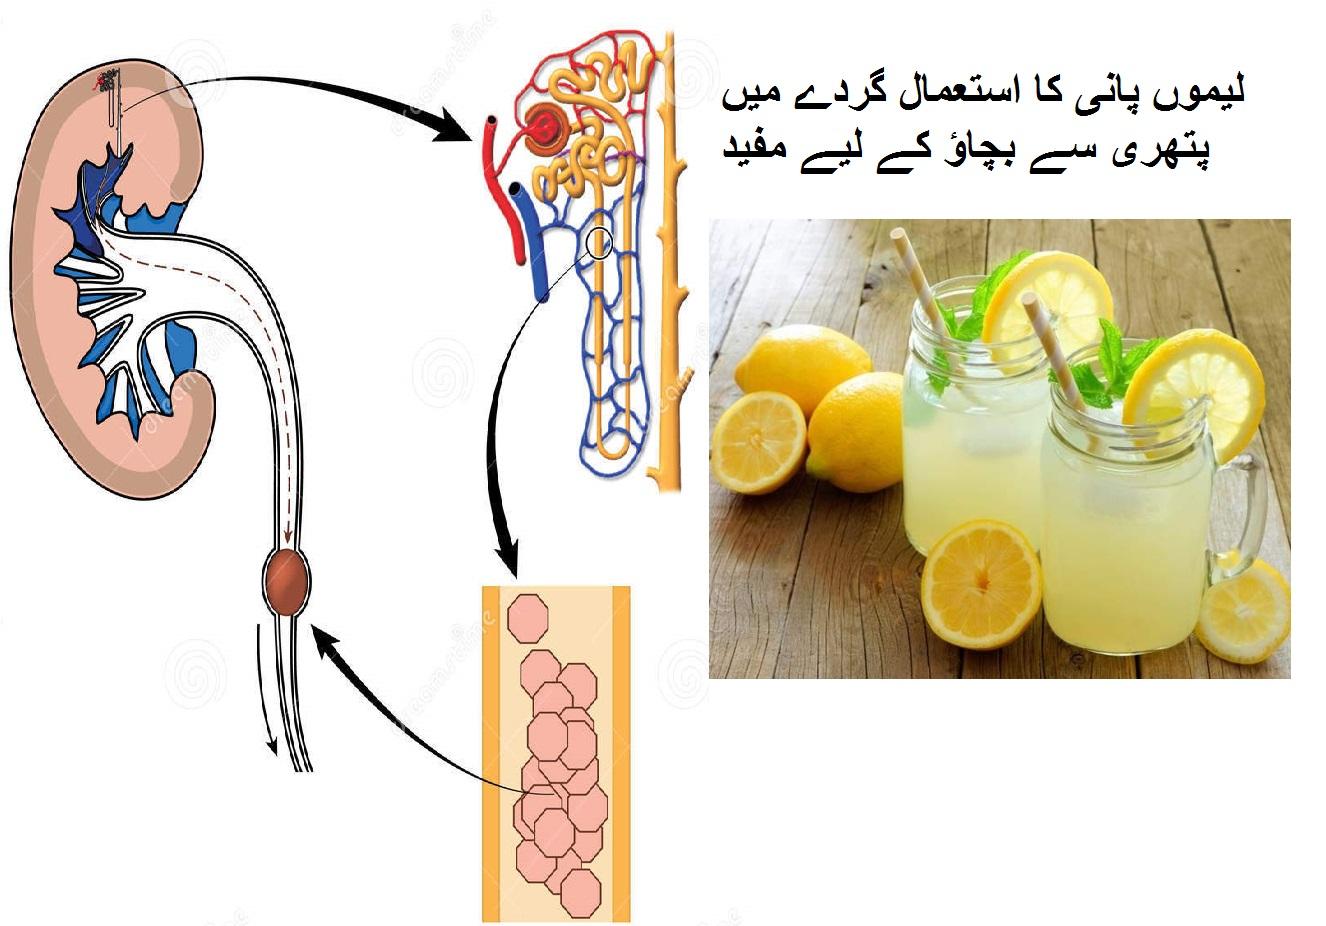 لیموں پانی کا استعمال گردے میں پتھری سے بچاؤ کے لیے مفید